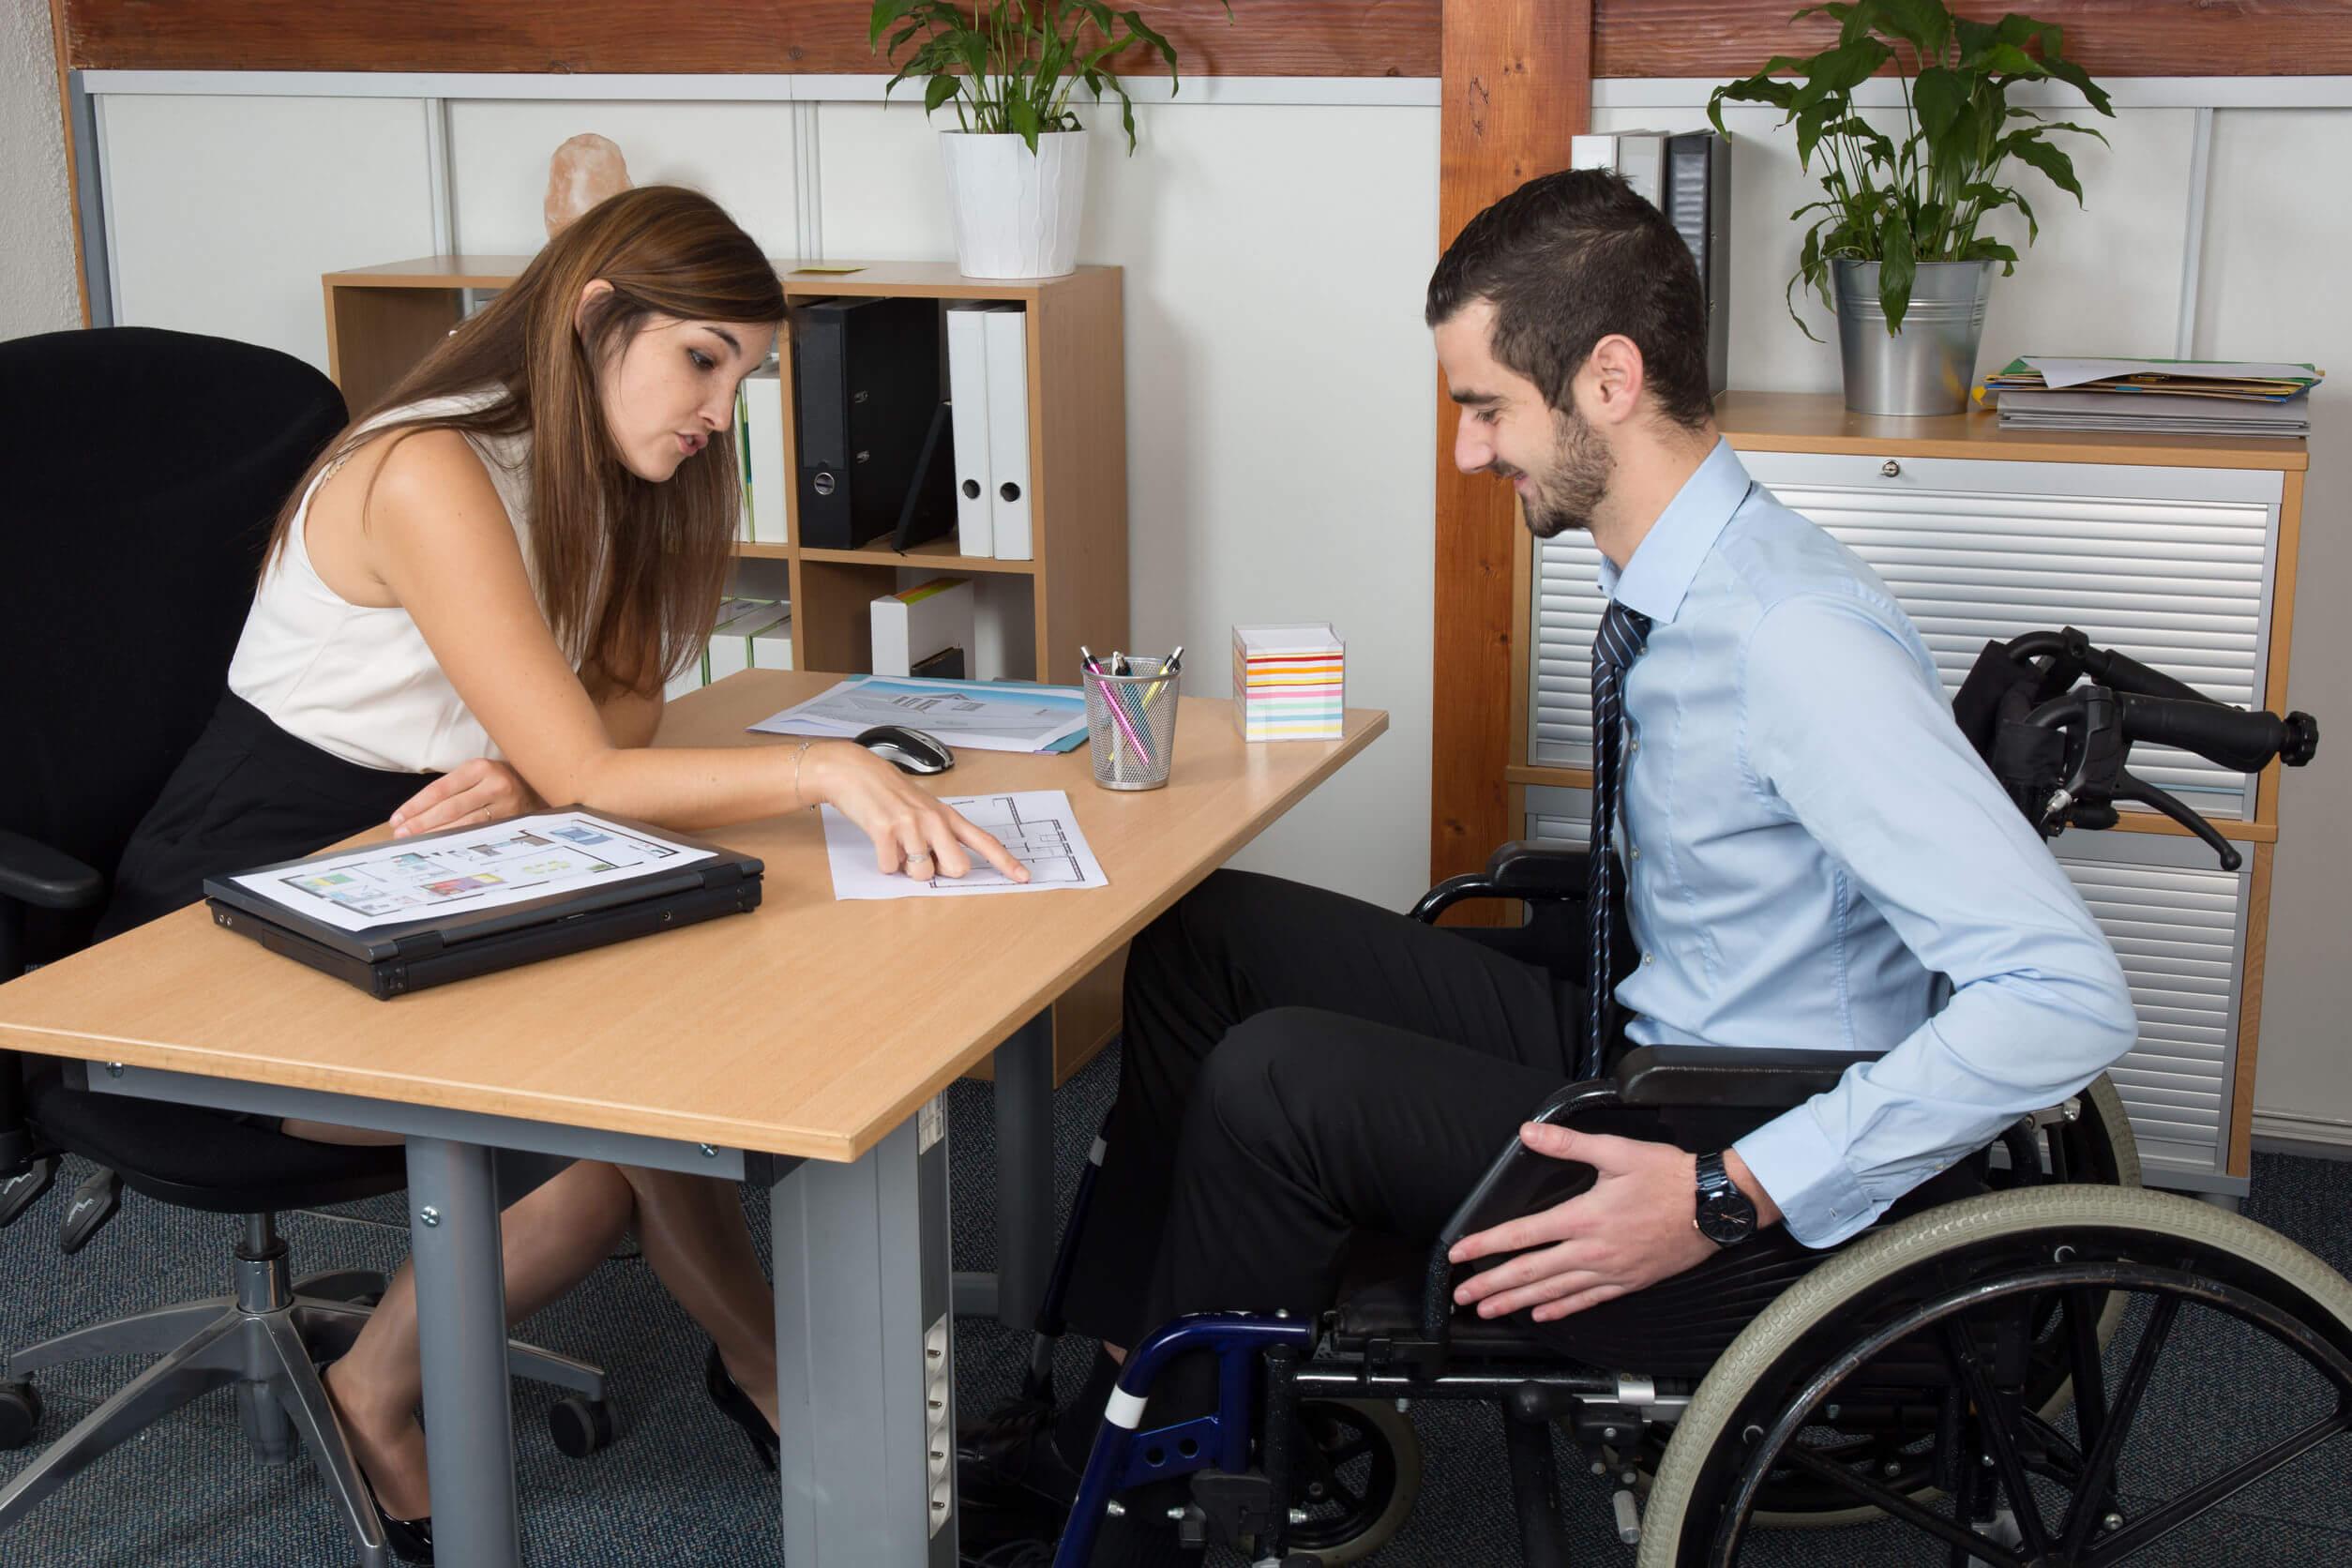 Accesibilidad en los espacios de trabajo: qué hay que tener en cuenta en materia de diseño